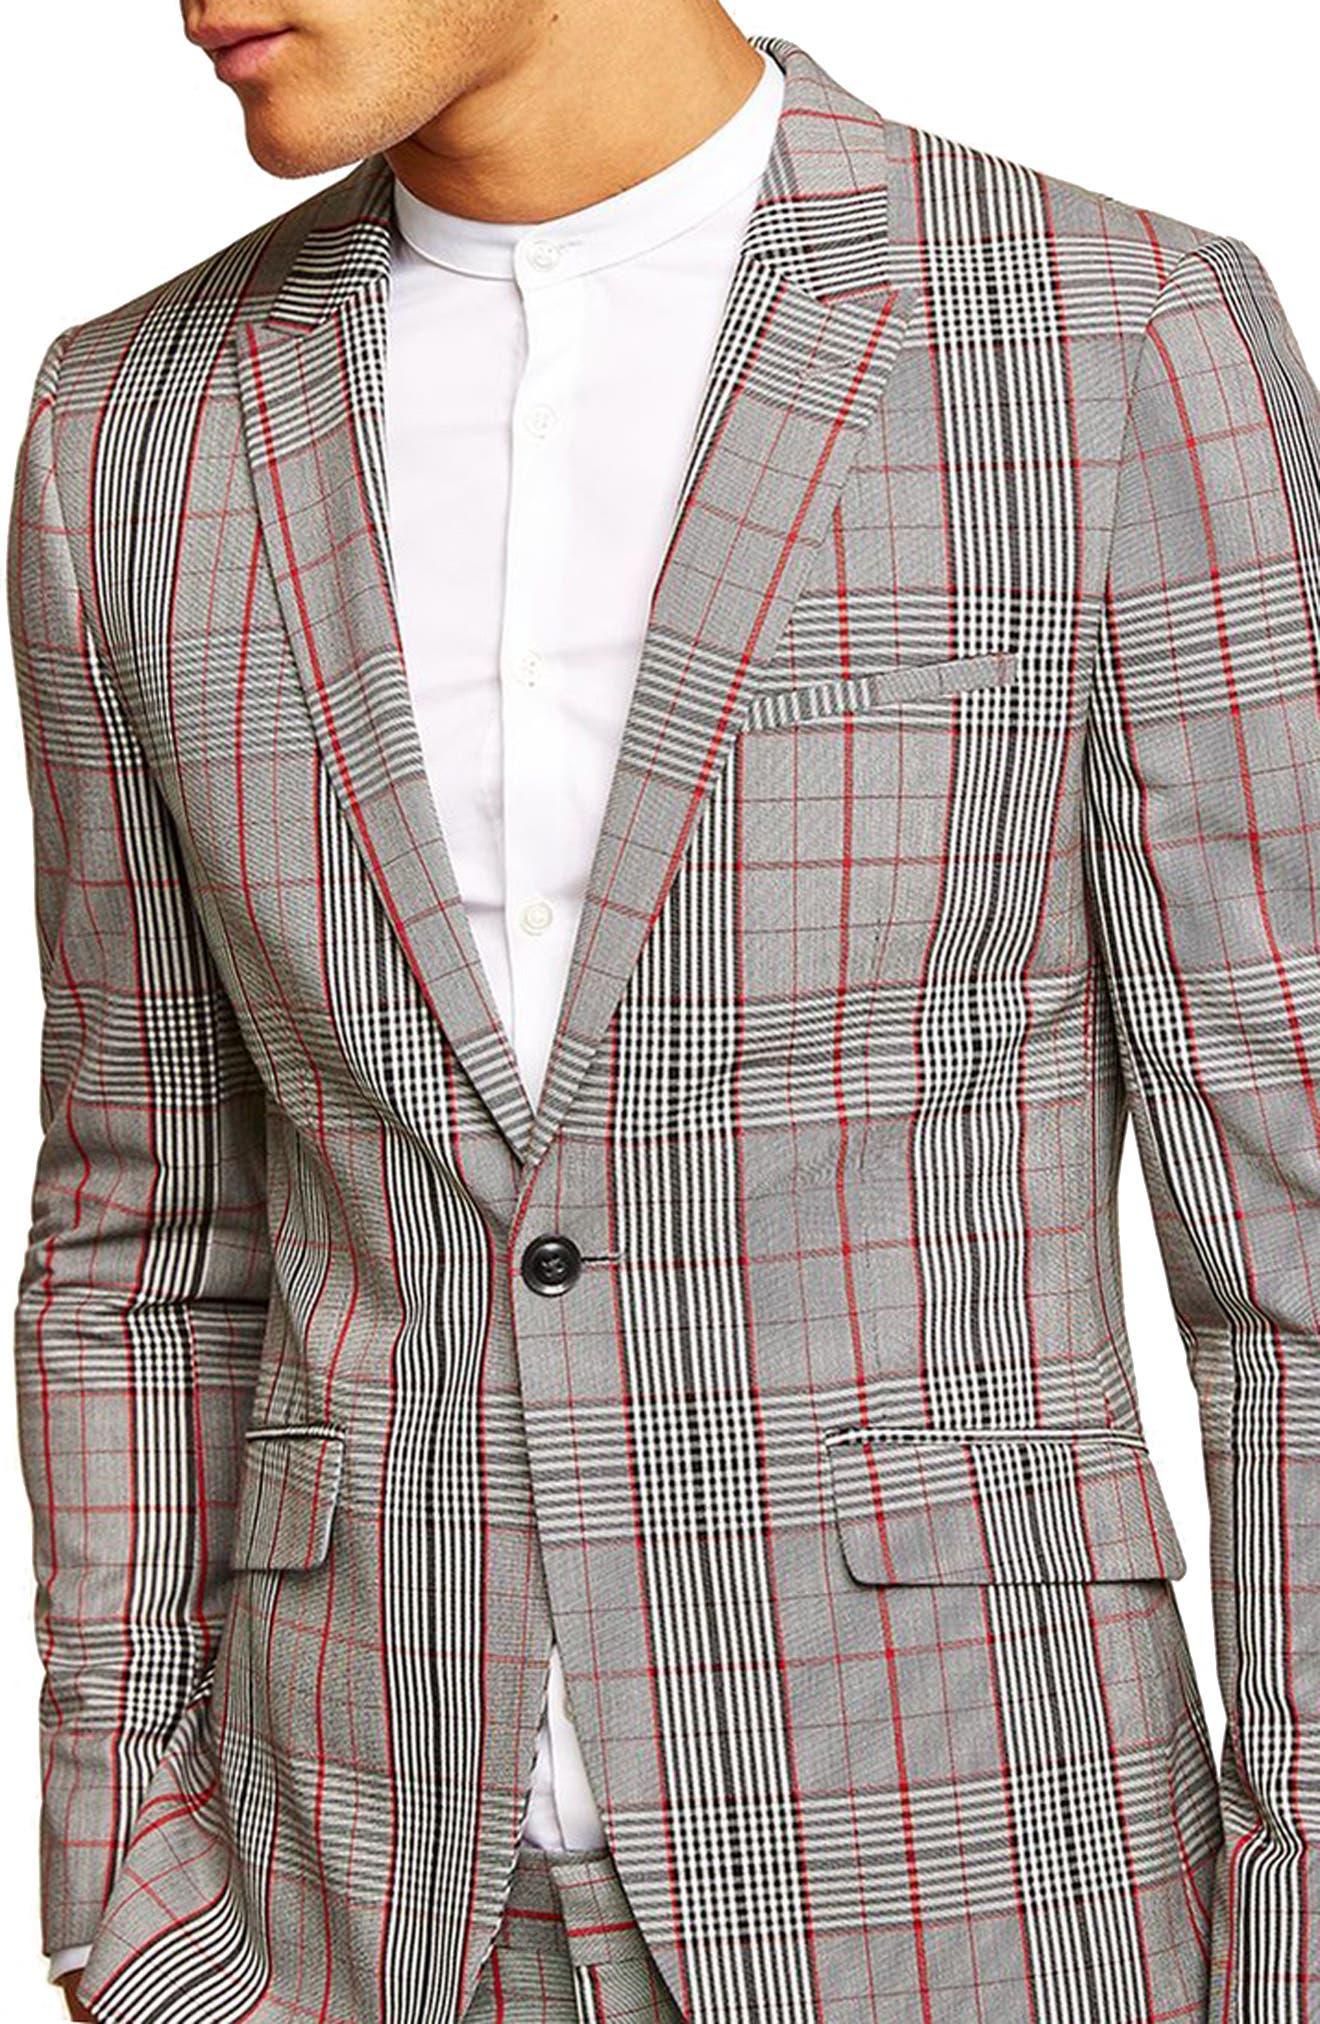 TOPMAN Muscle Fit Check Suit Jacket, Main, color, 020